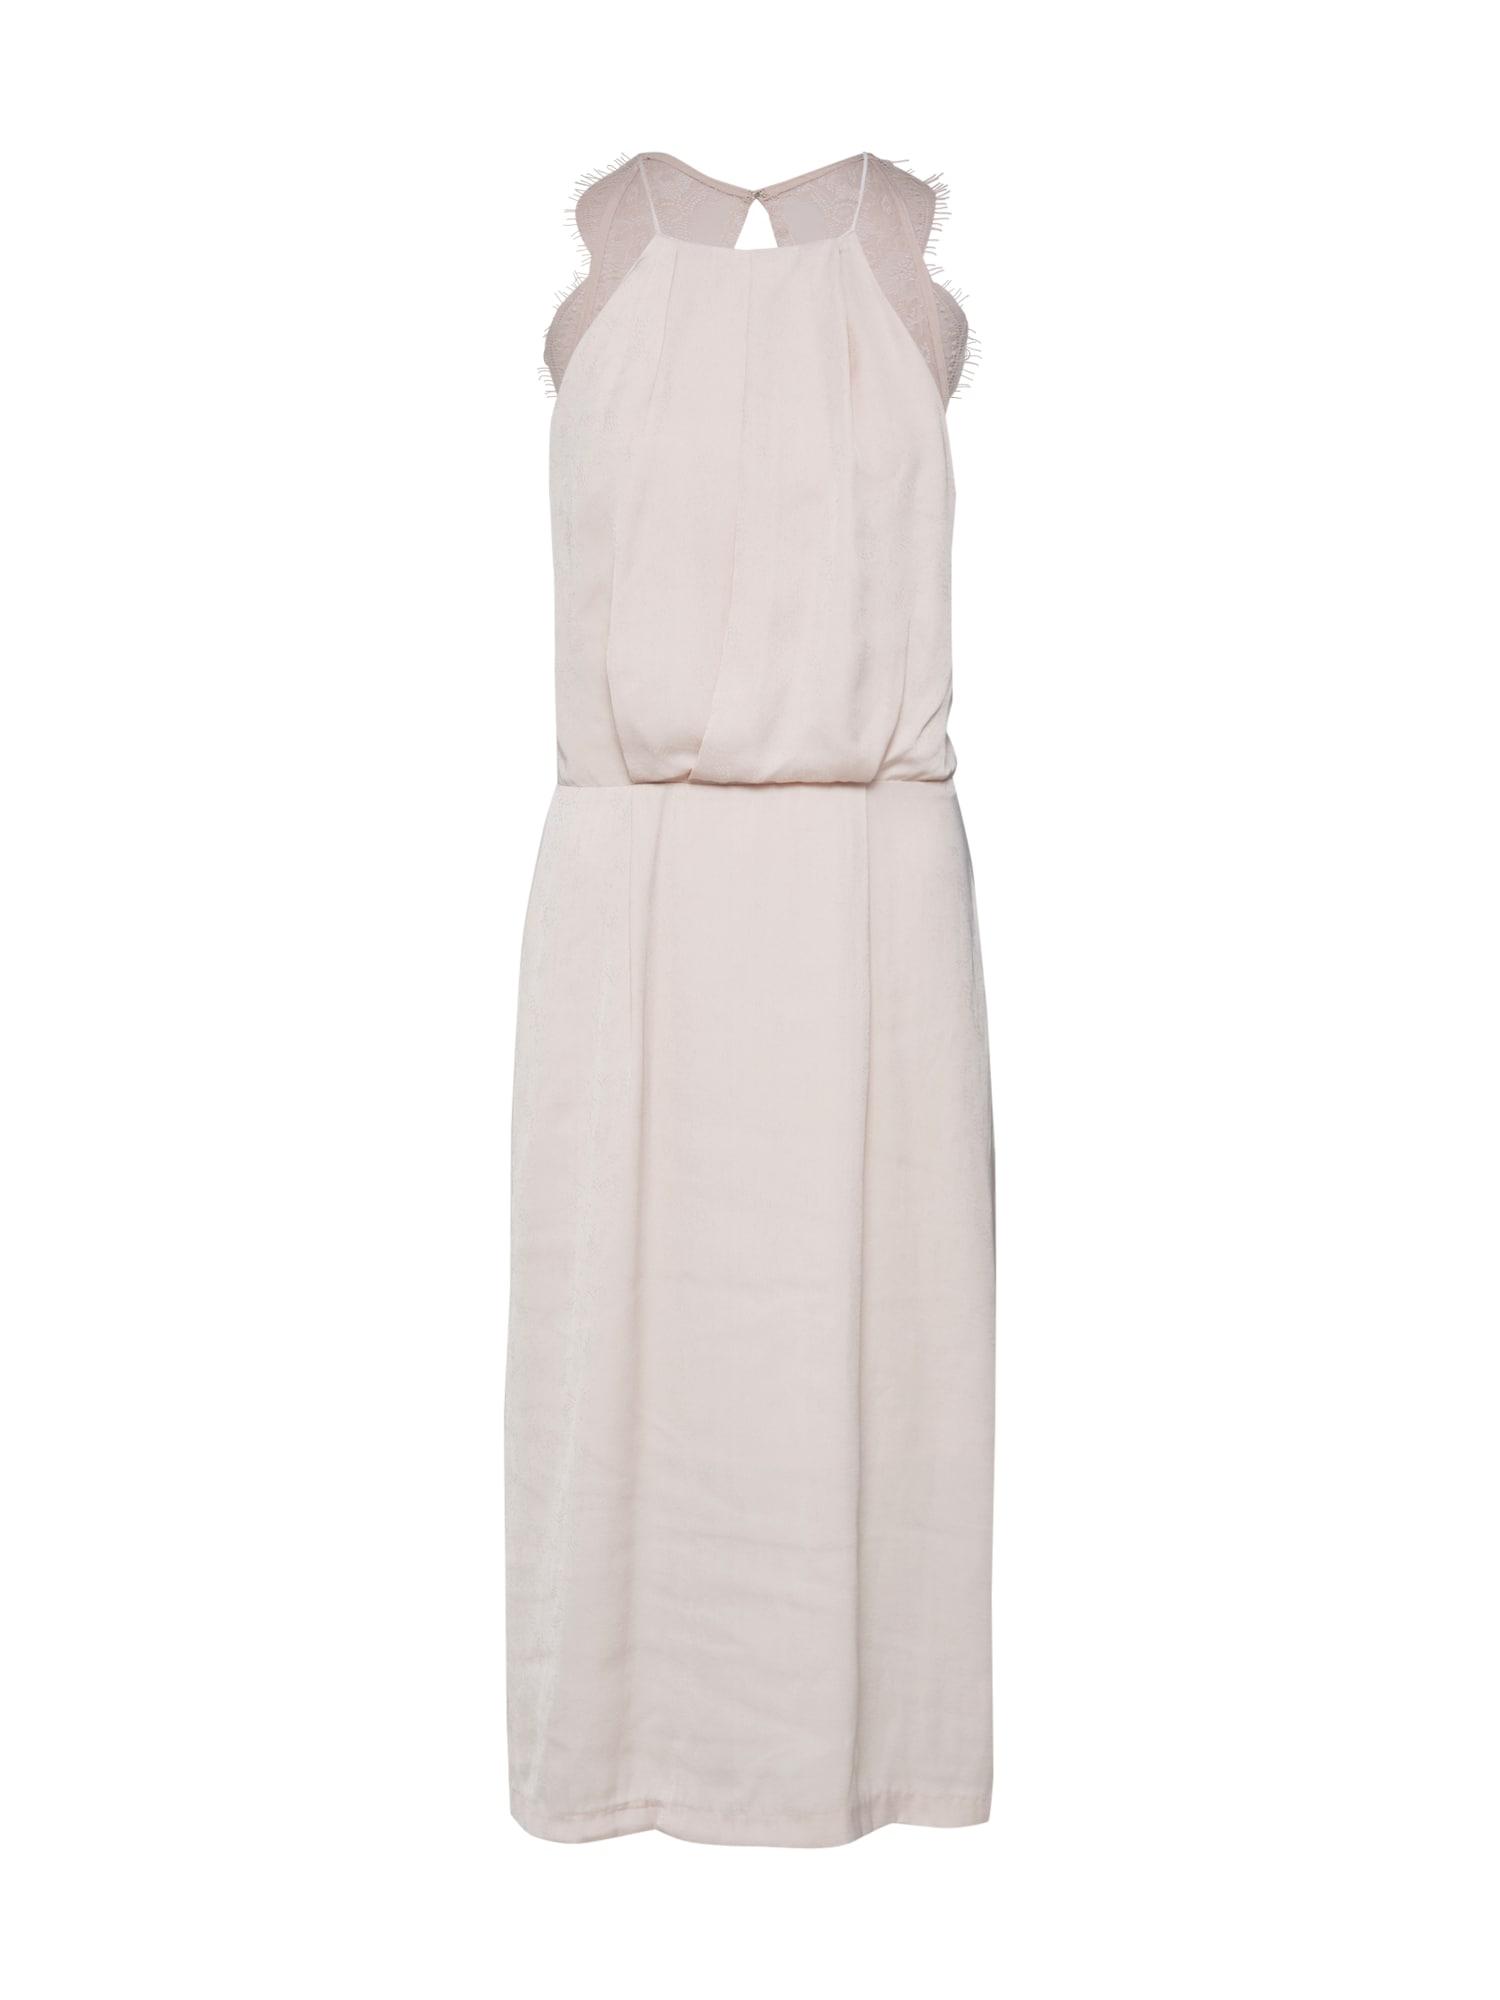 Šaty Willow růžová Samsoe & Samsoe